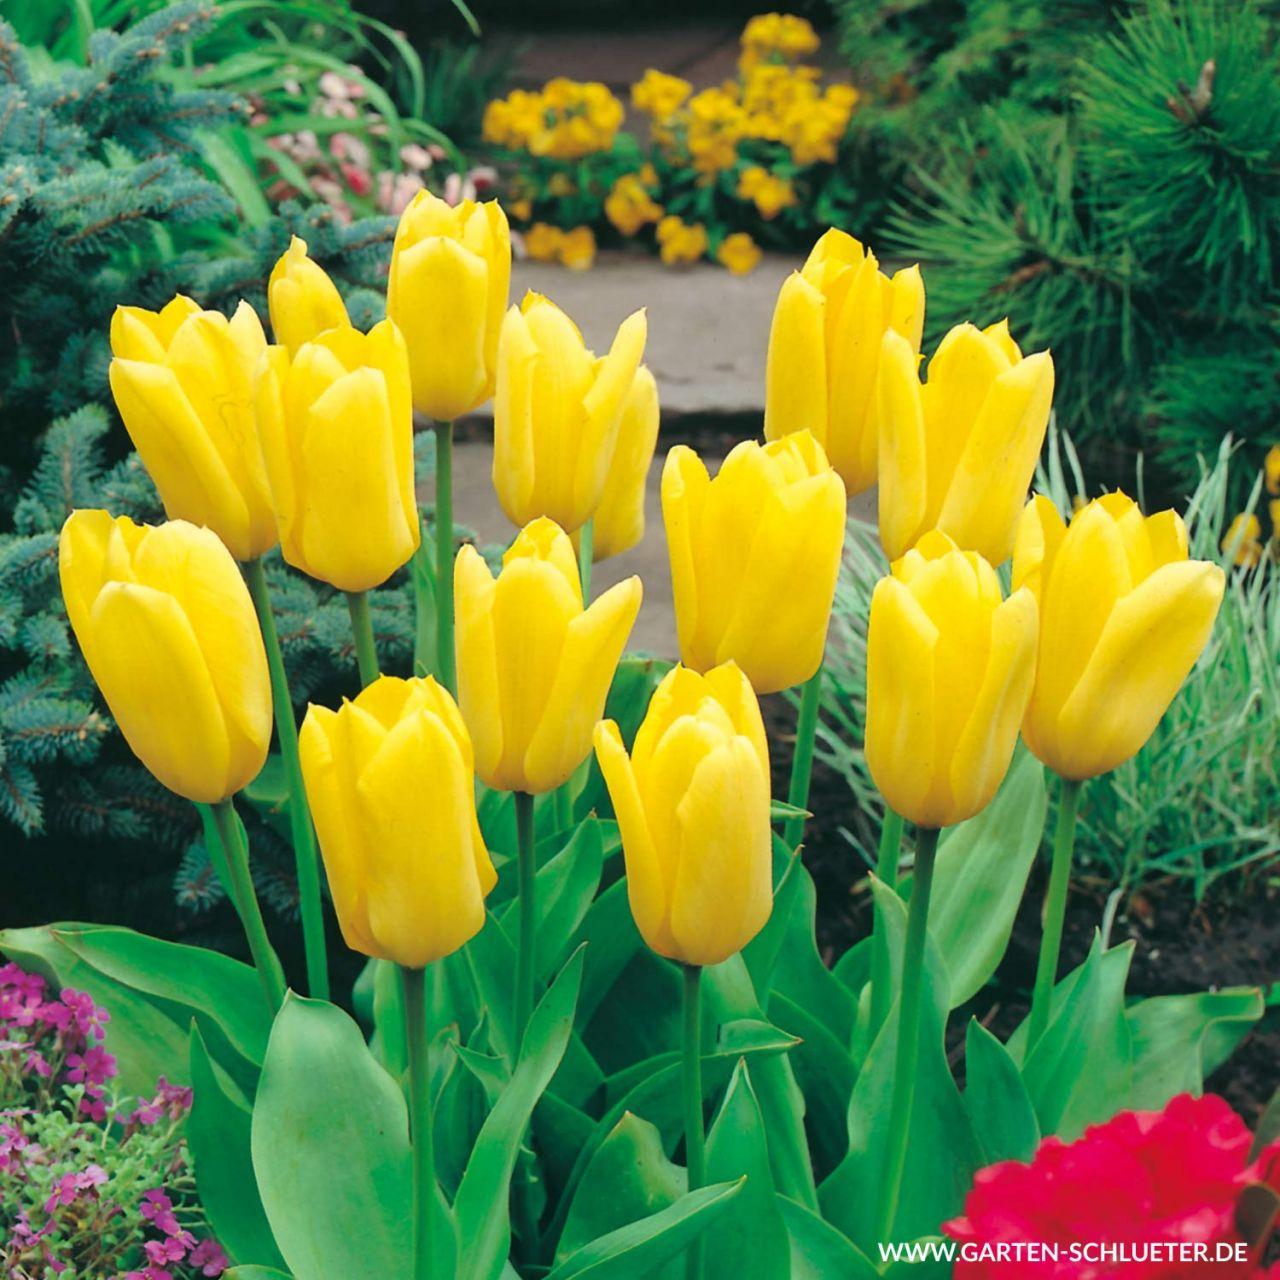 Garten-Schlueter.de: Fosteriana Tulpe Candela 10 Stück